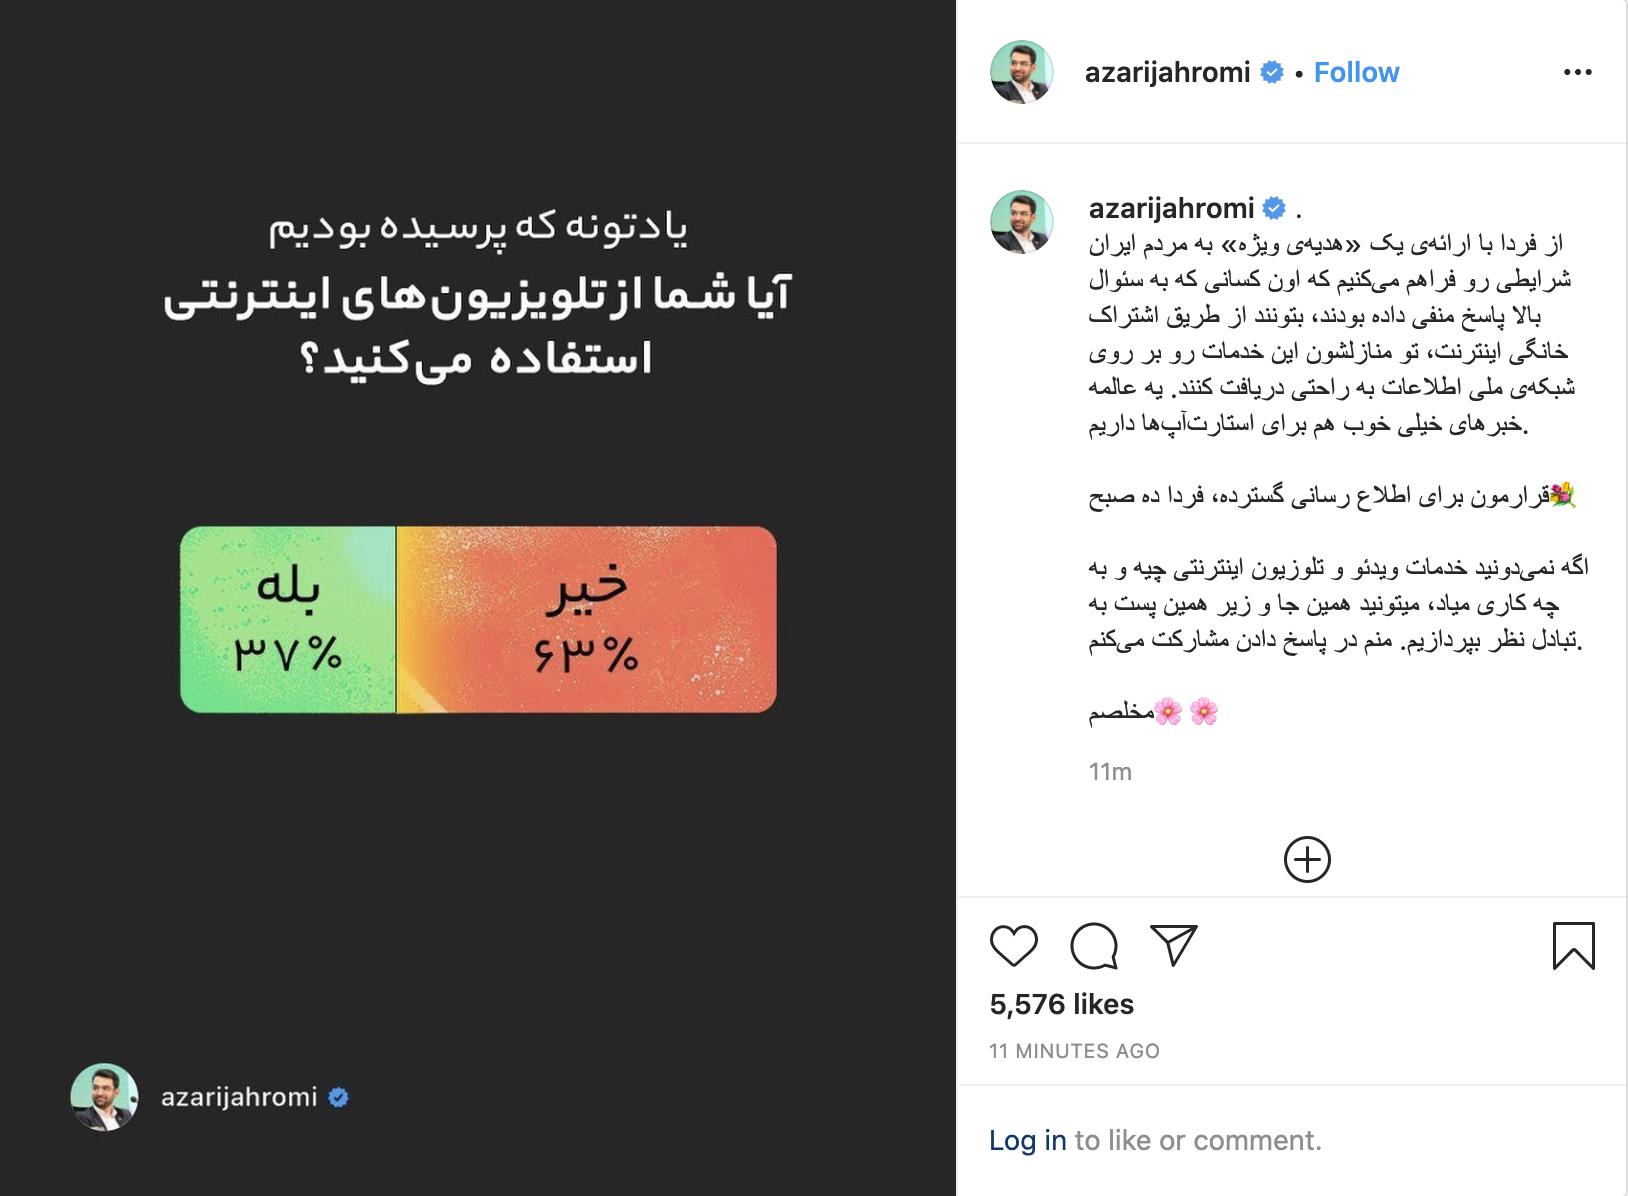 هدیه ویژه آذری جهرمی فردا به دست کاربران ایرانی میرسد